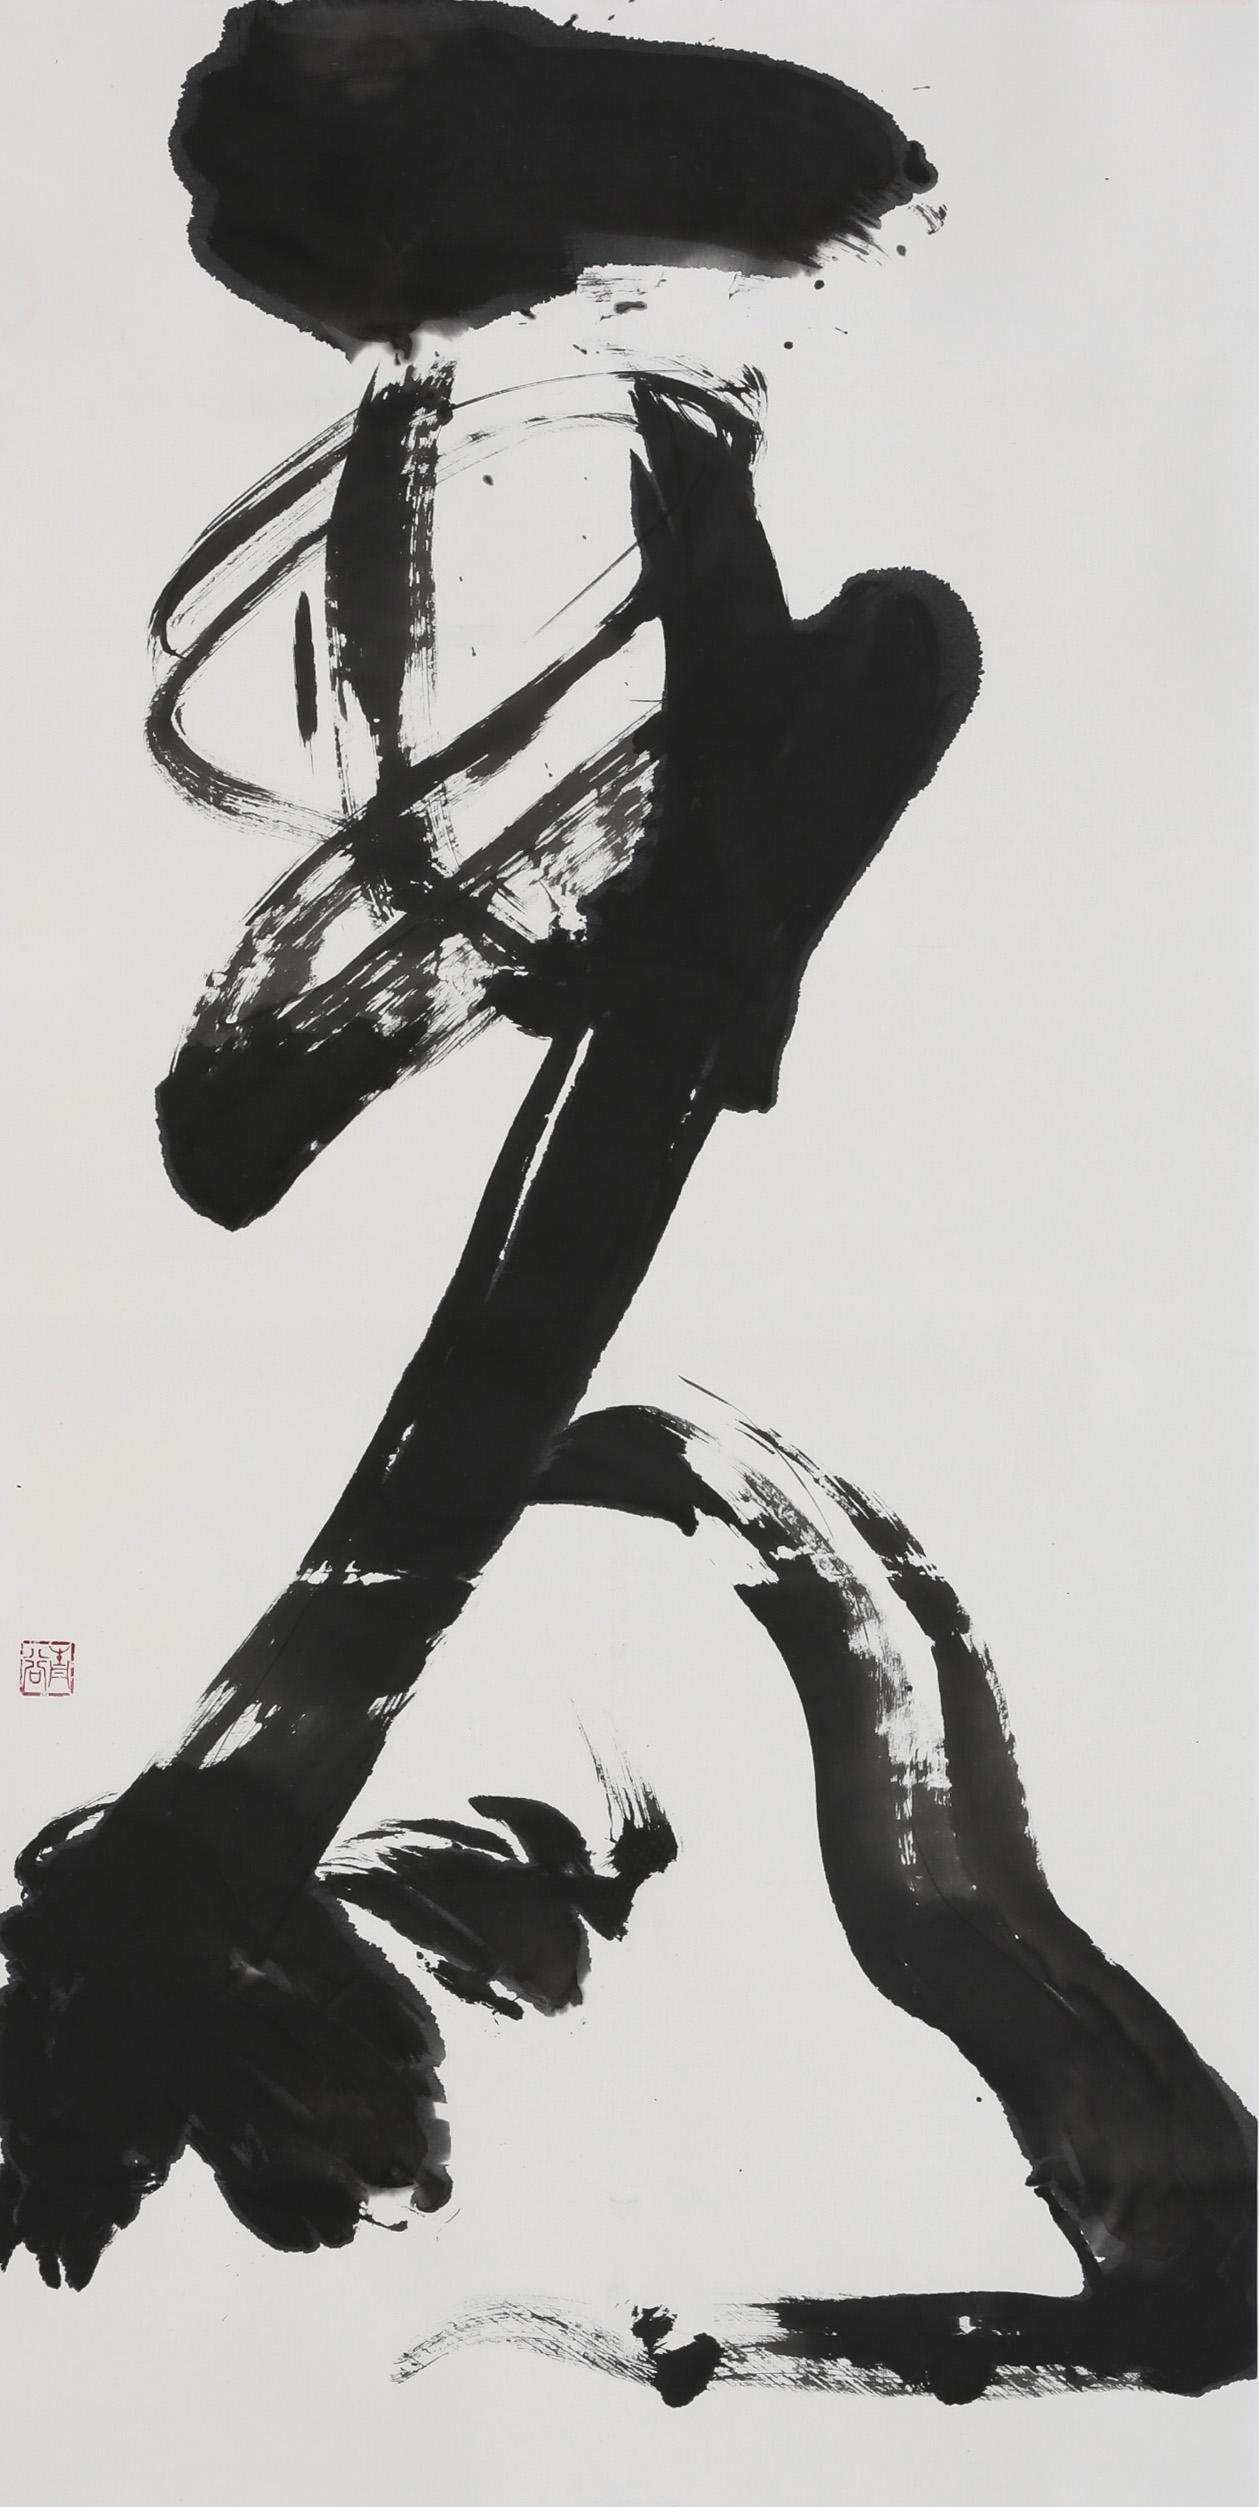 第34回産経国際書展出品作品「麗」(縦135×横70センチ)